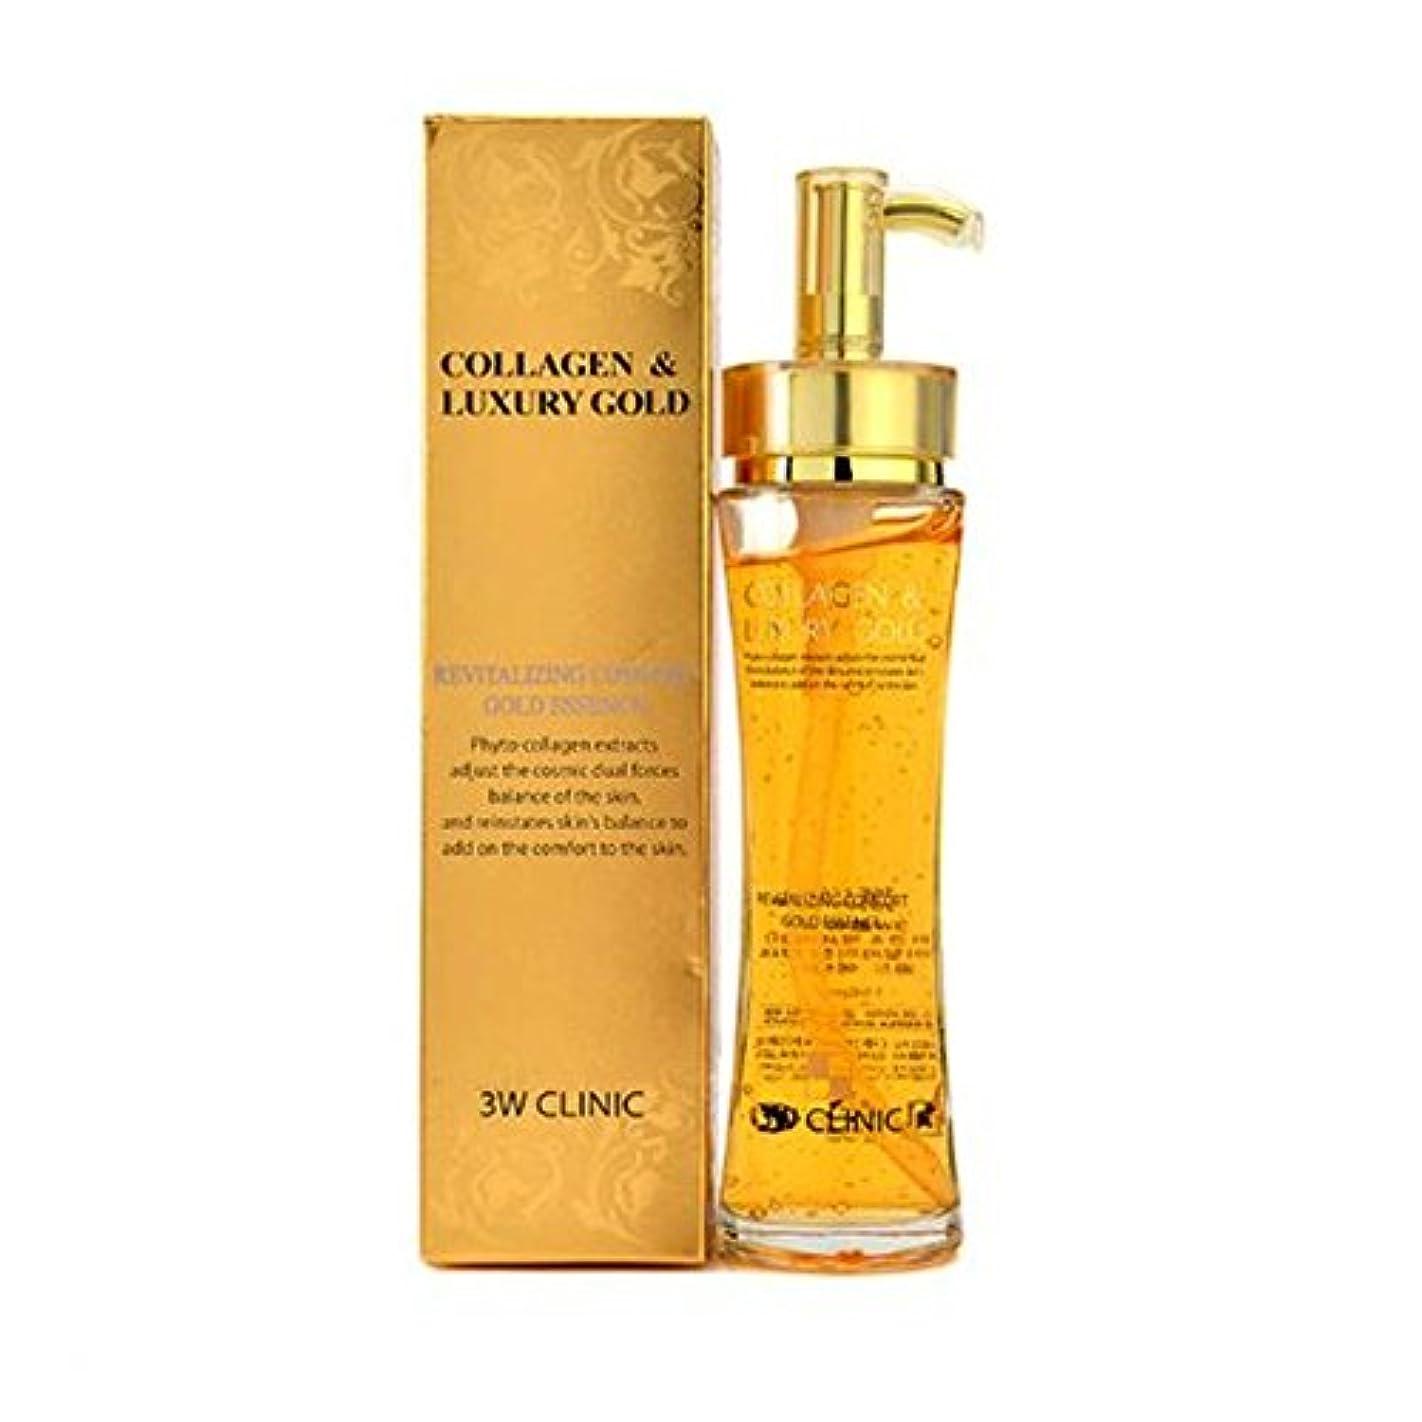 時折腐食するアンドリューハリディ3Wクリニック Collagen & Luxury Gold Revitalizing Comfort Gold Essence 150ml/5.07oz並行輸入品